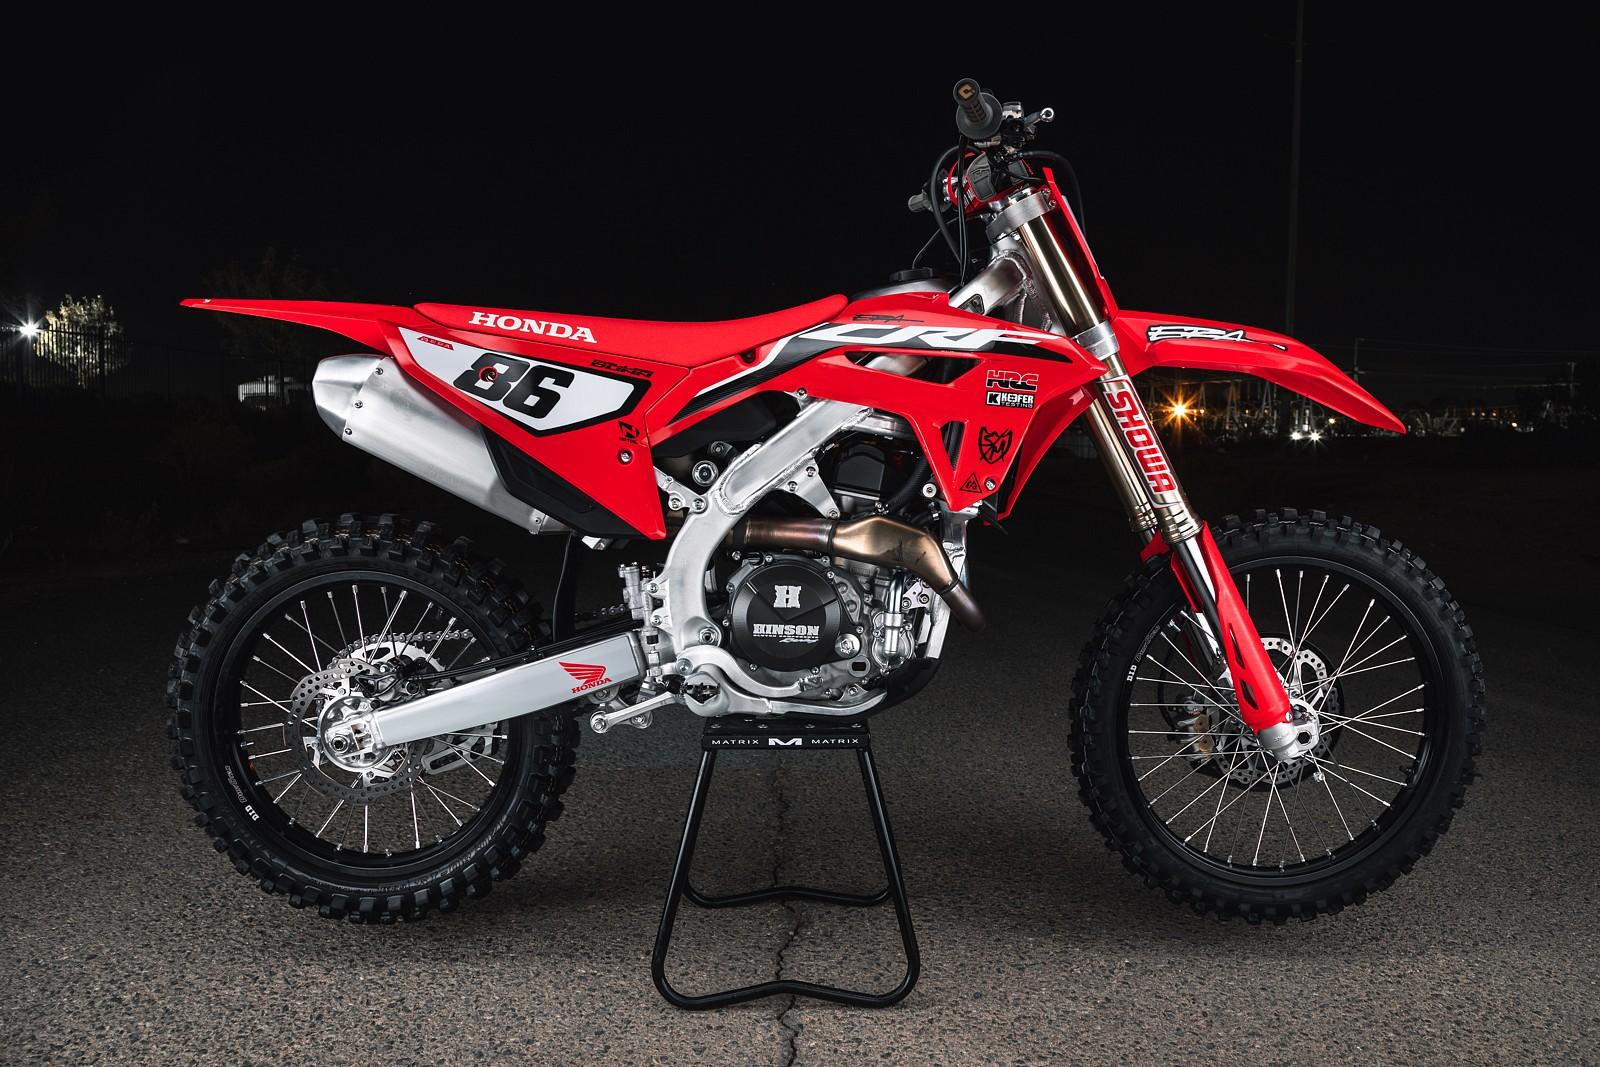 small 450-7223 - DDunn86 - Motocross Pictures - Vital MX